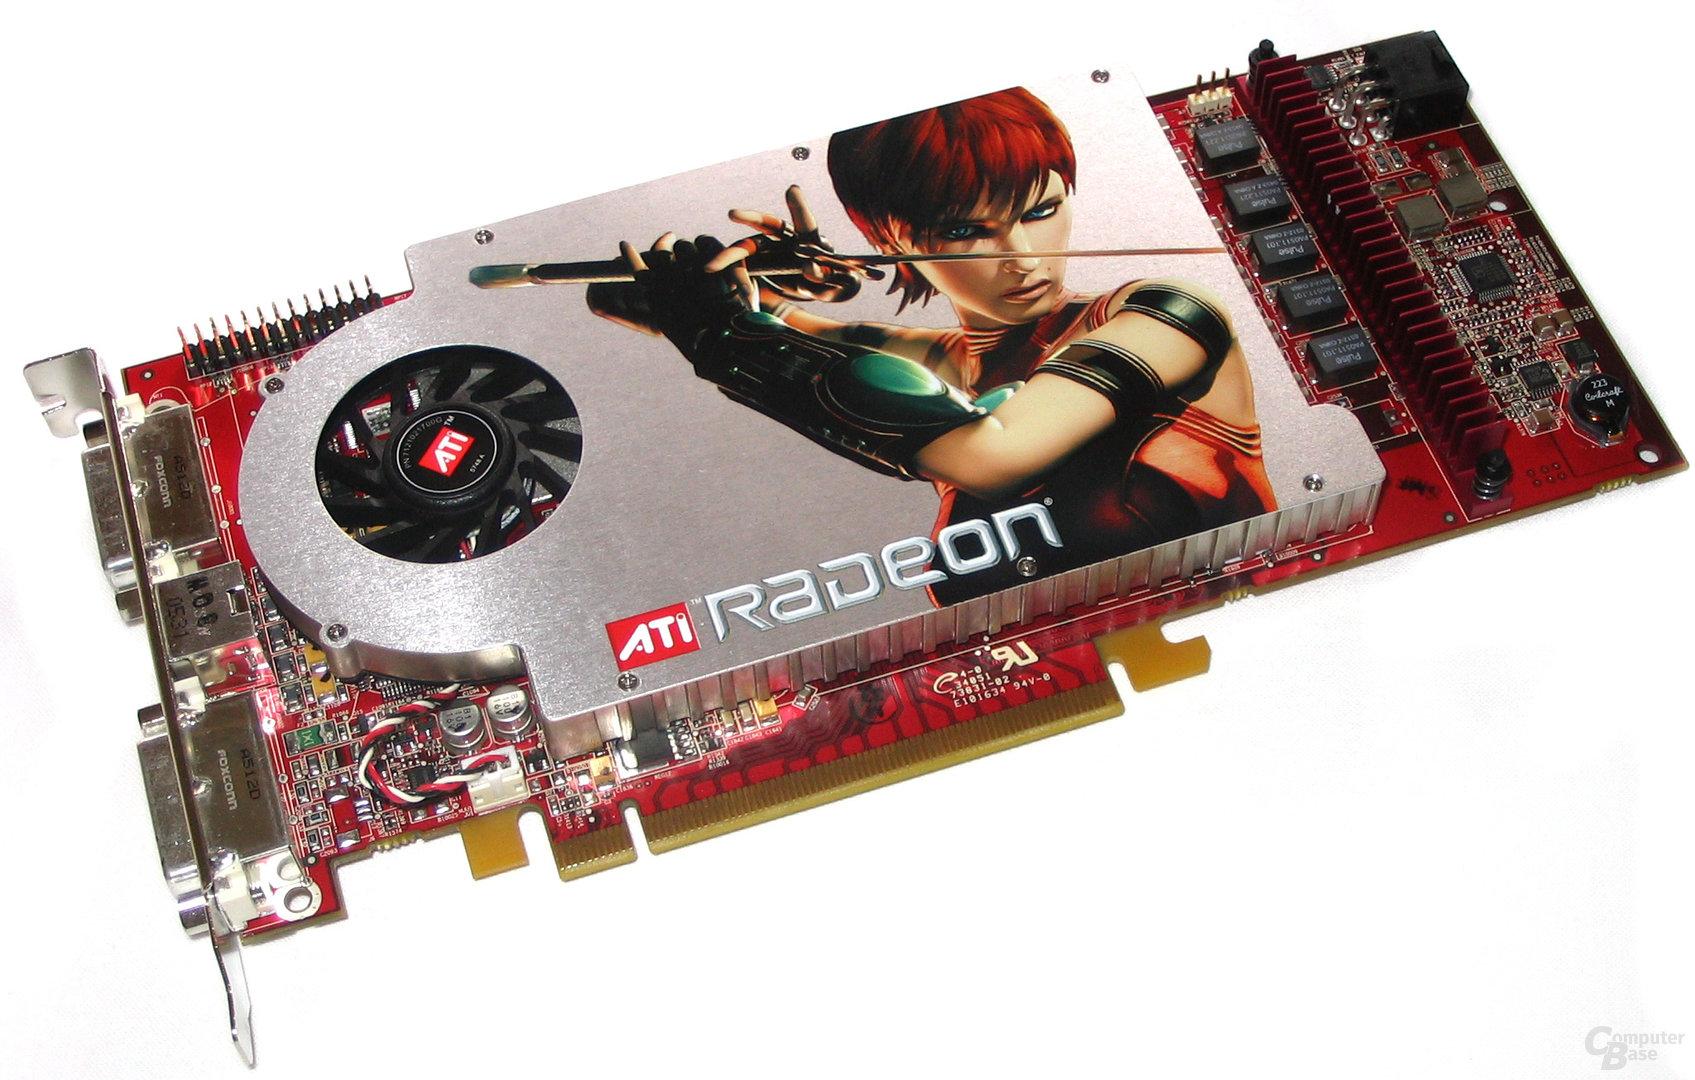 Radeon X1800 XL